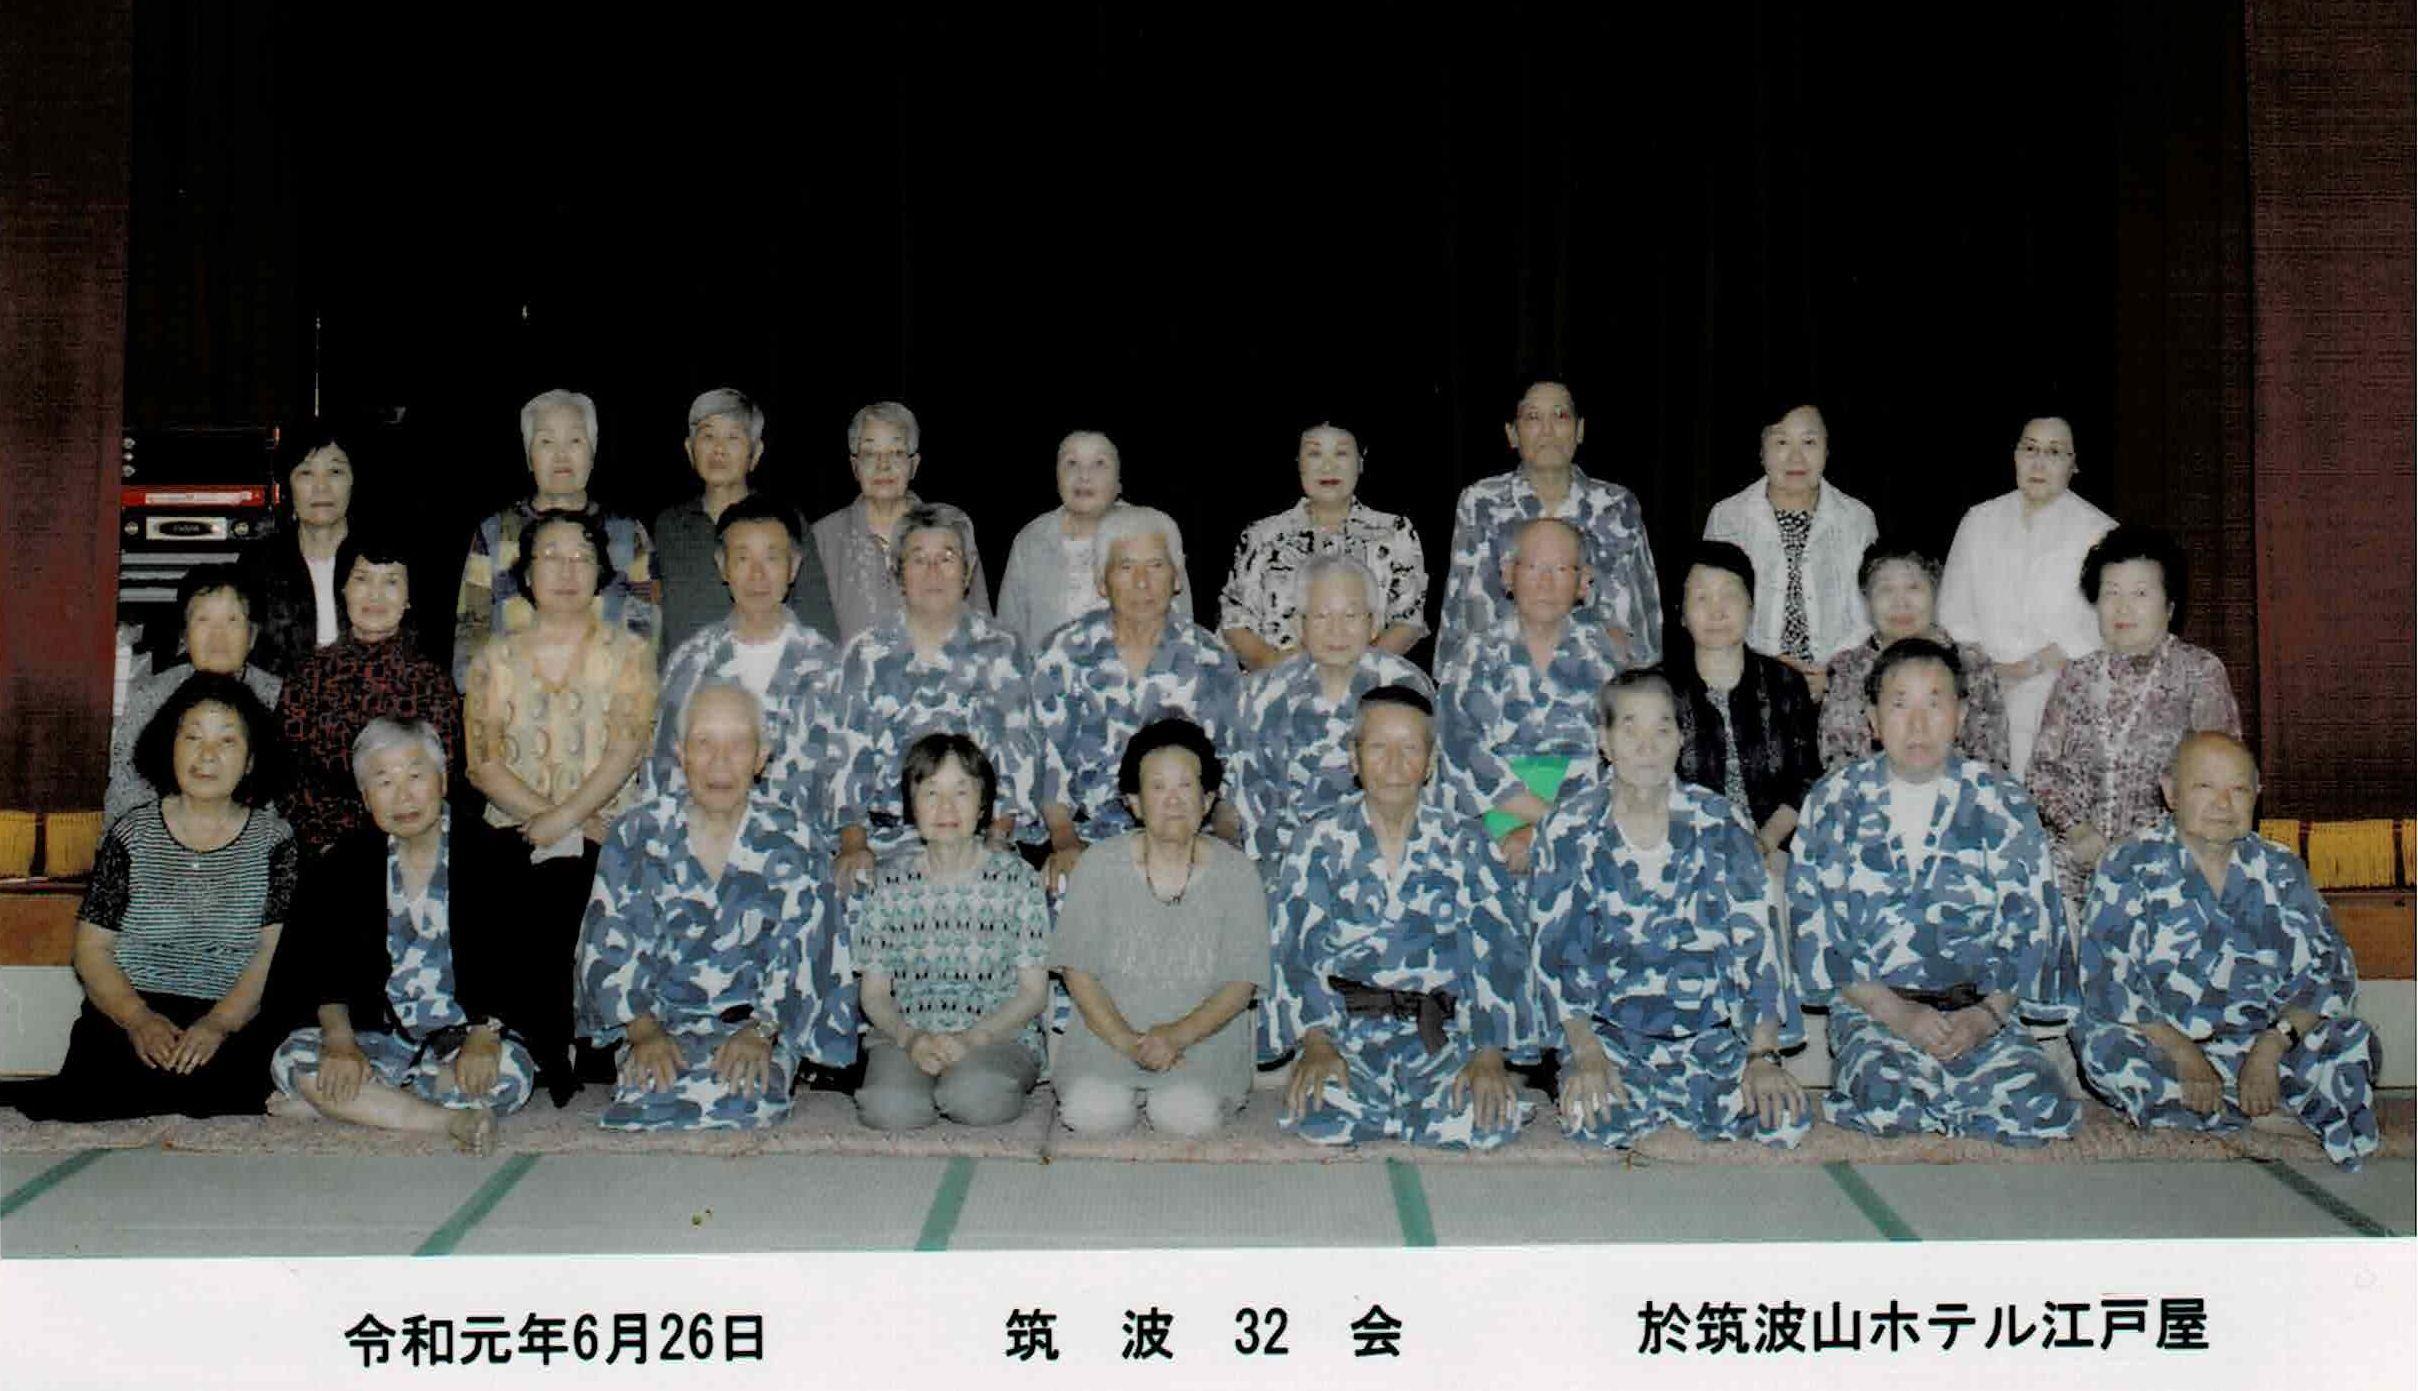 2019年9月21日   鎮魂と不屈の沖縄展  金城家族一般 その10_d0249595_13234605.jpg